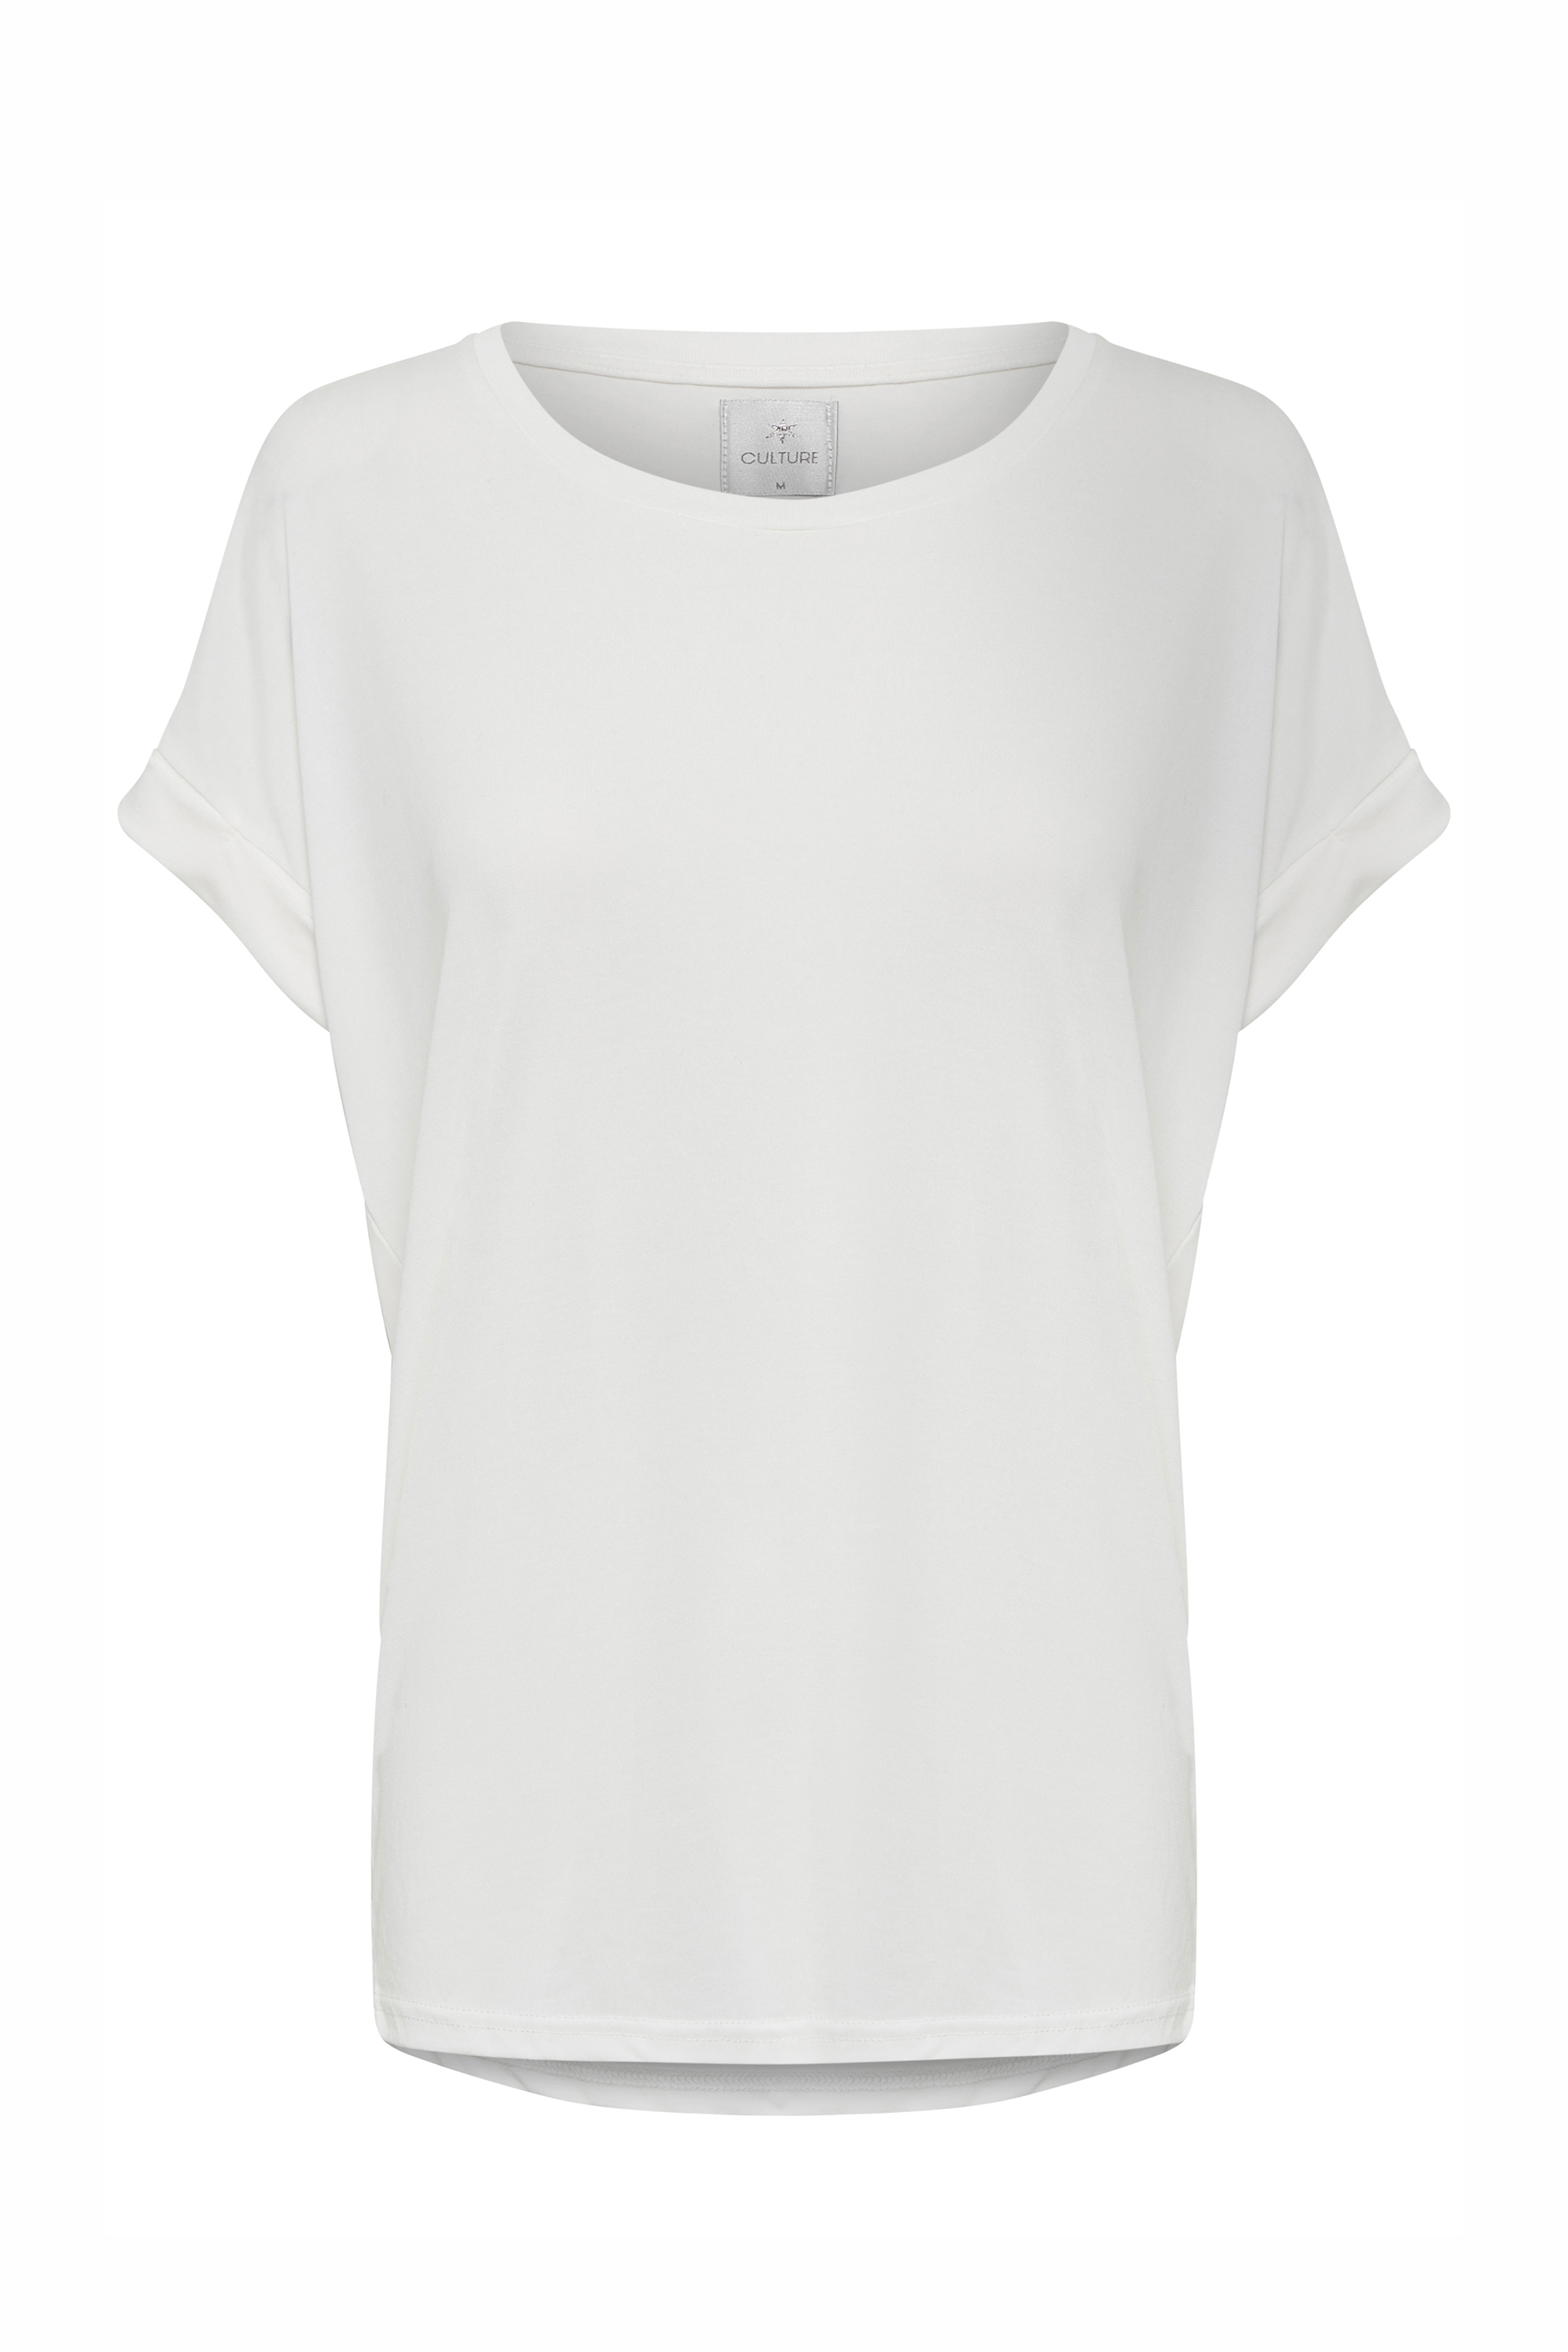 Image of Culture Dame Kortærmet T-shirt - Off-white